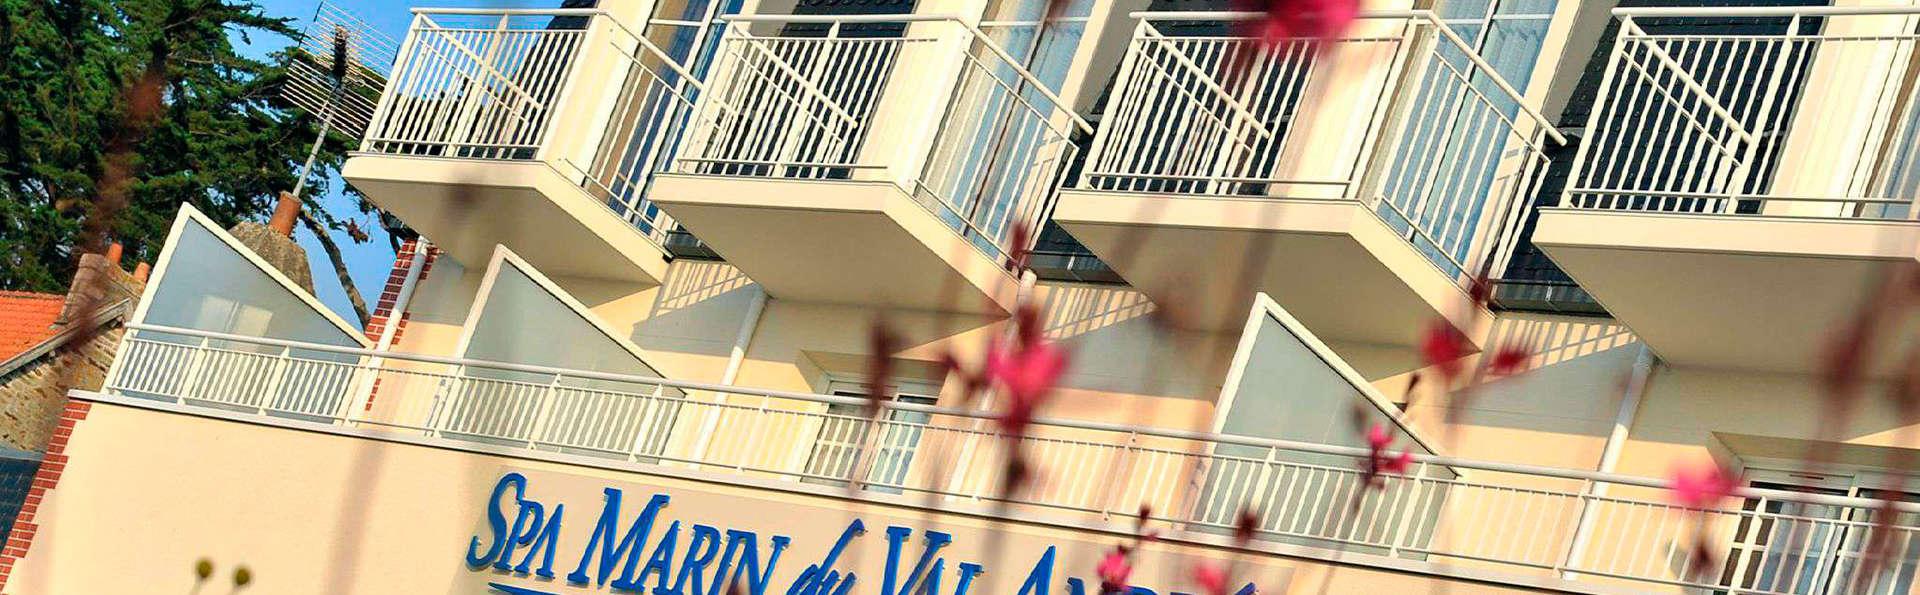 Spa Marin du Val André Thalasso Resort - EDIT_front3.jpg